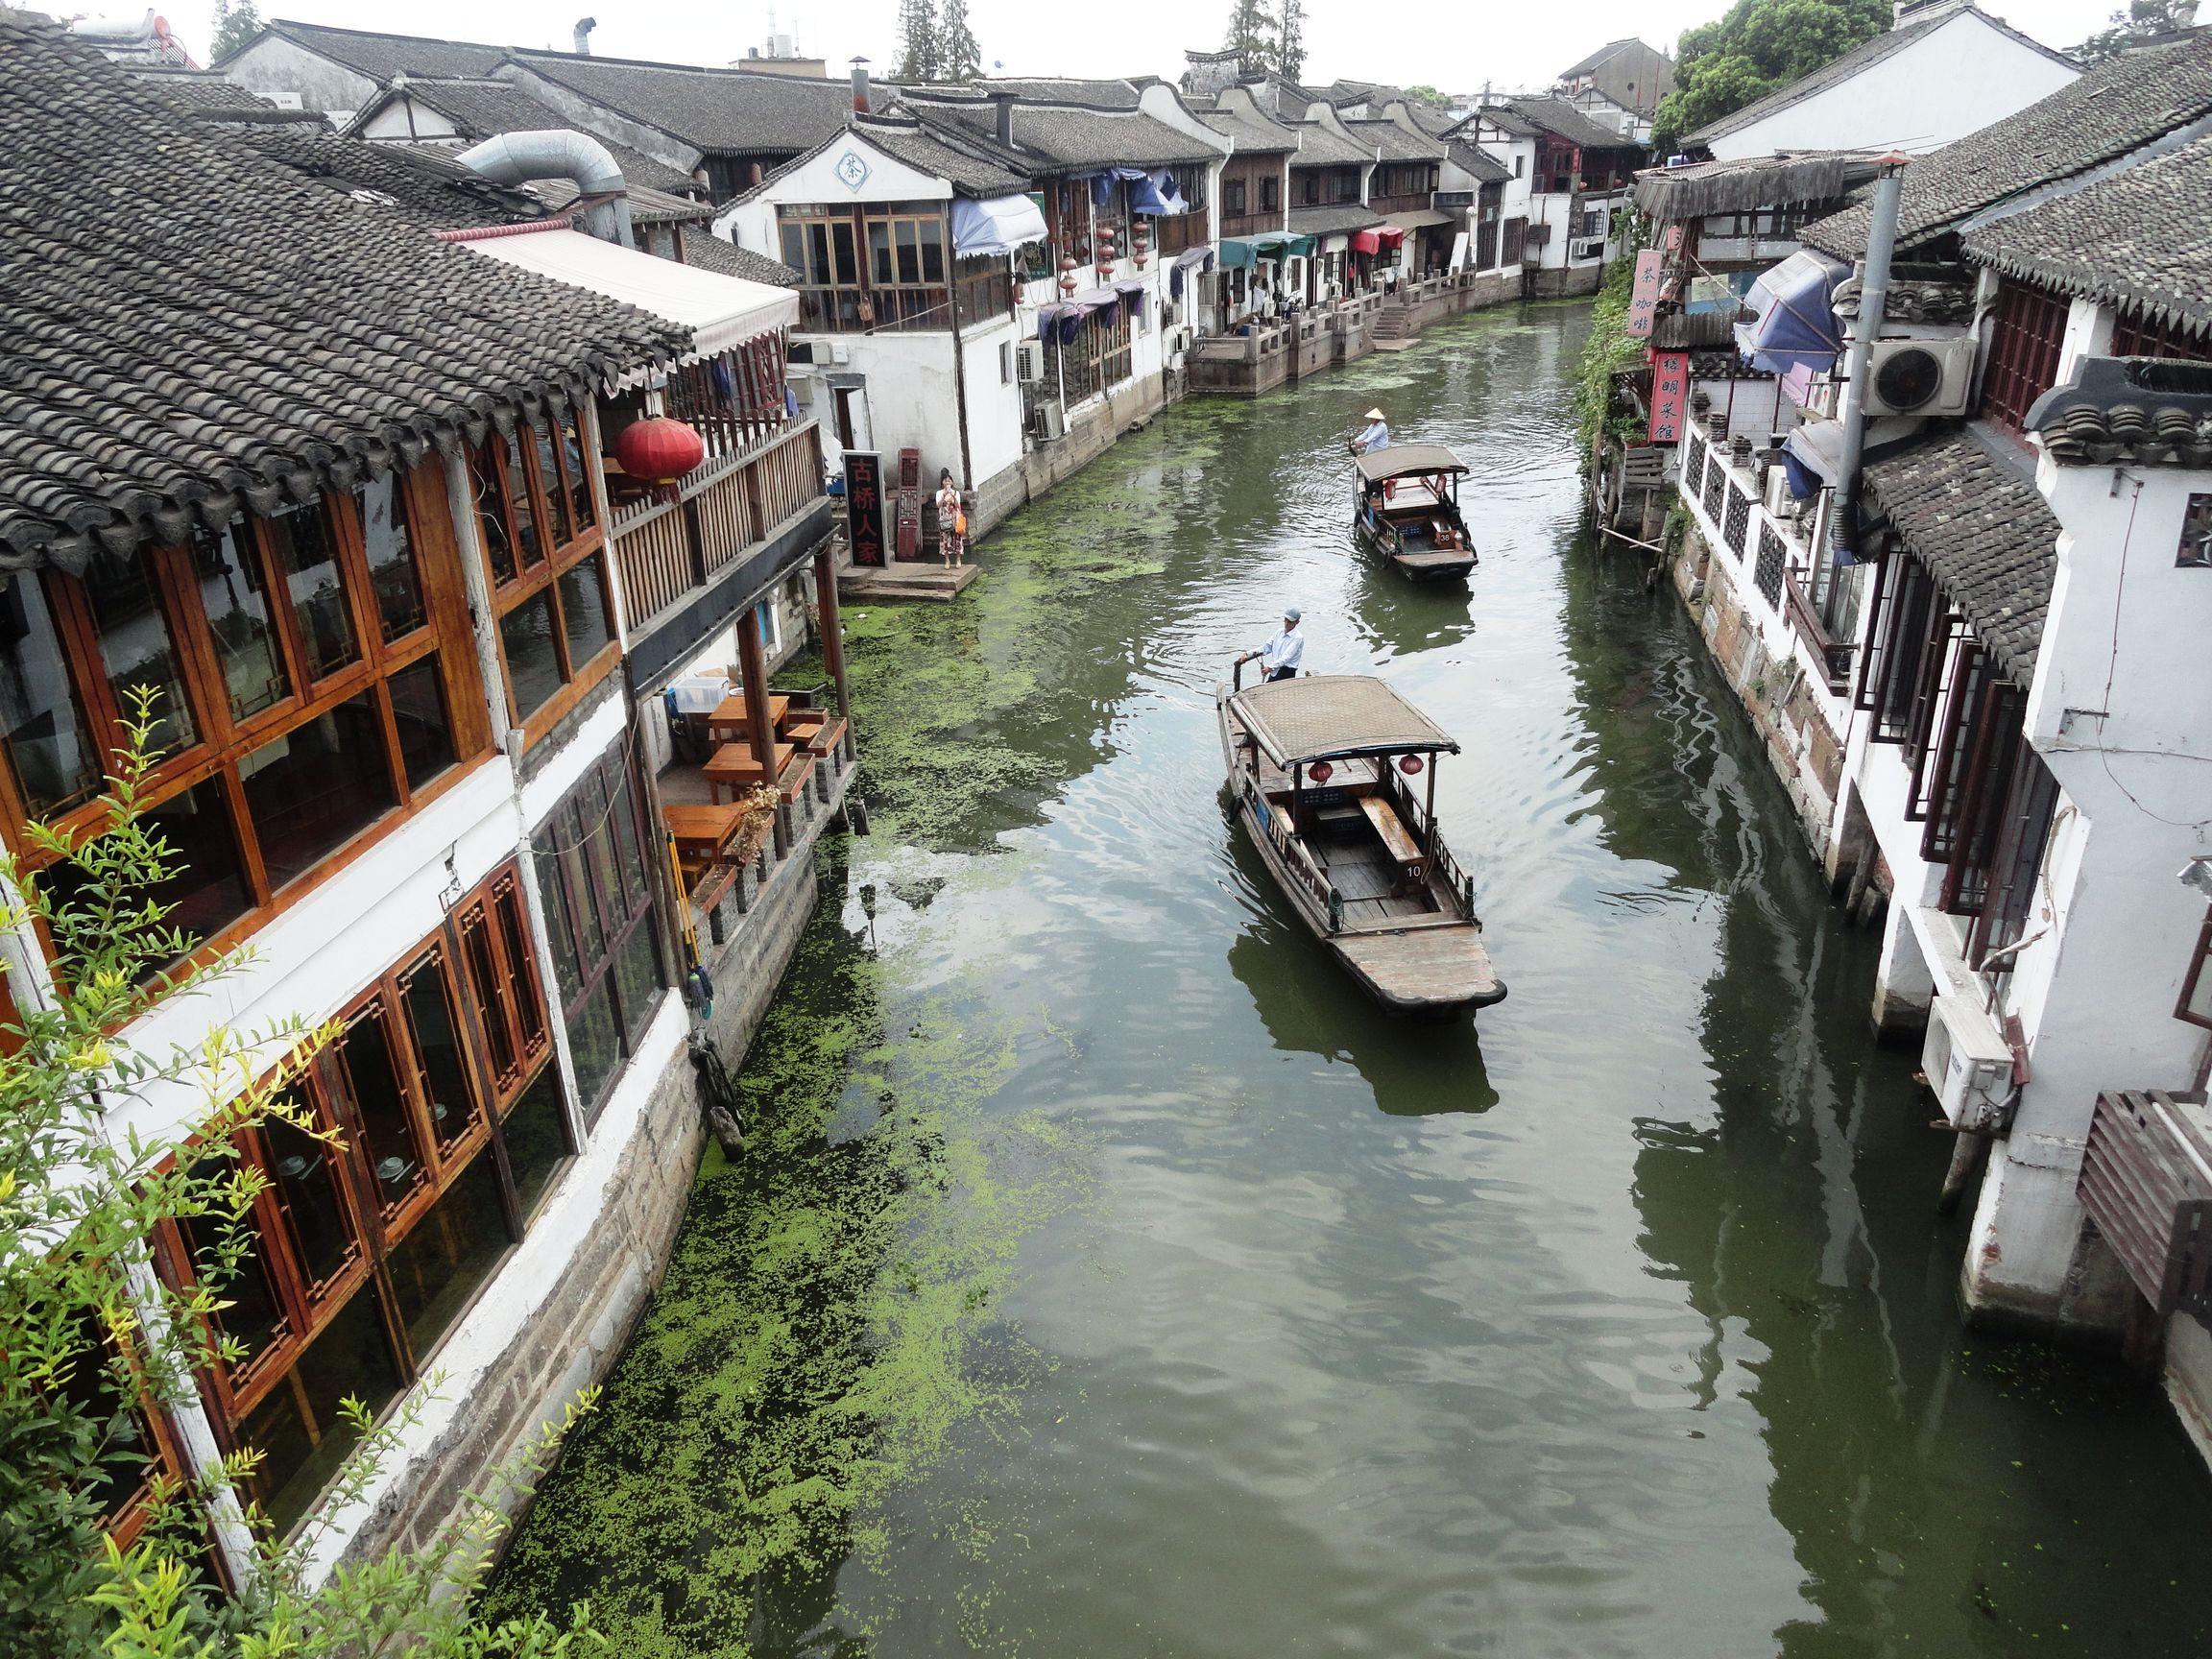 Shanghai's Zhu Jia Jiao